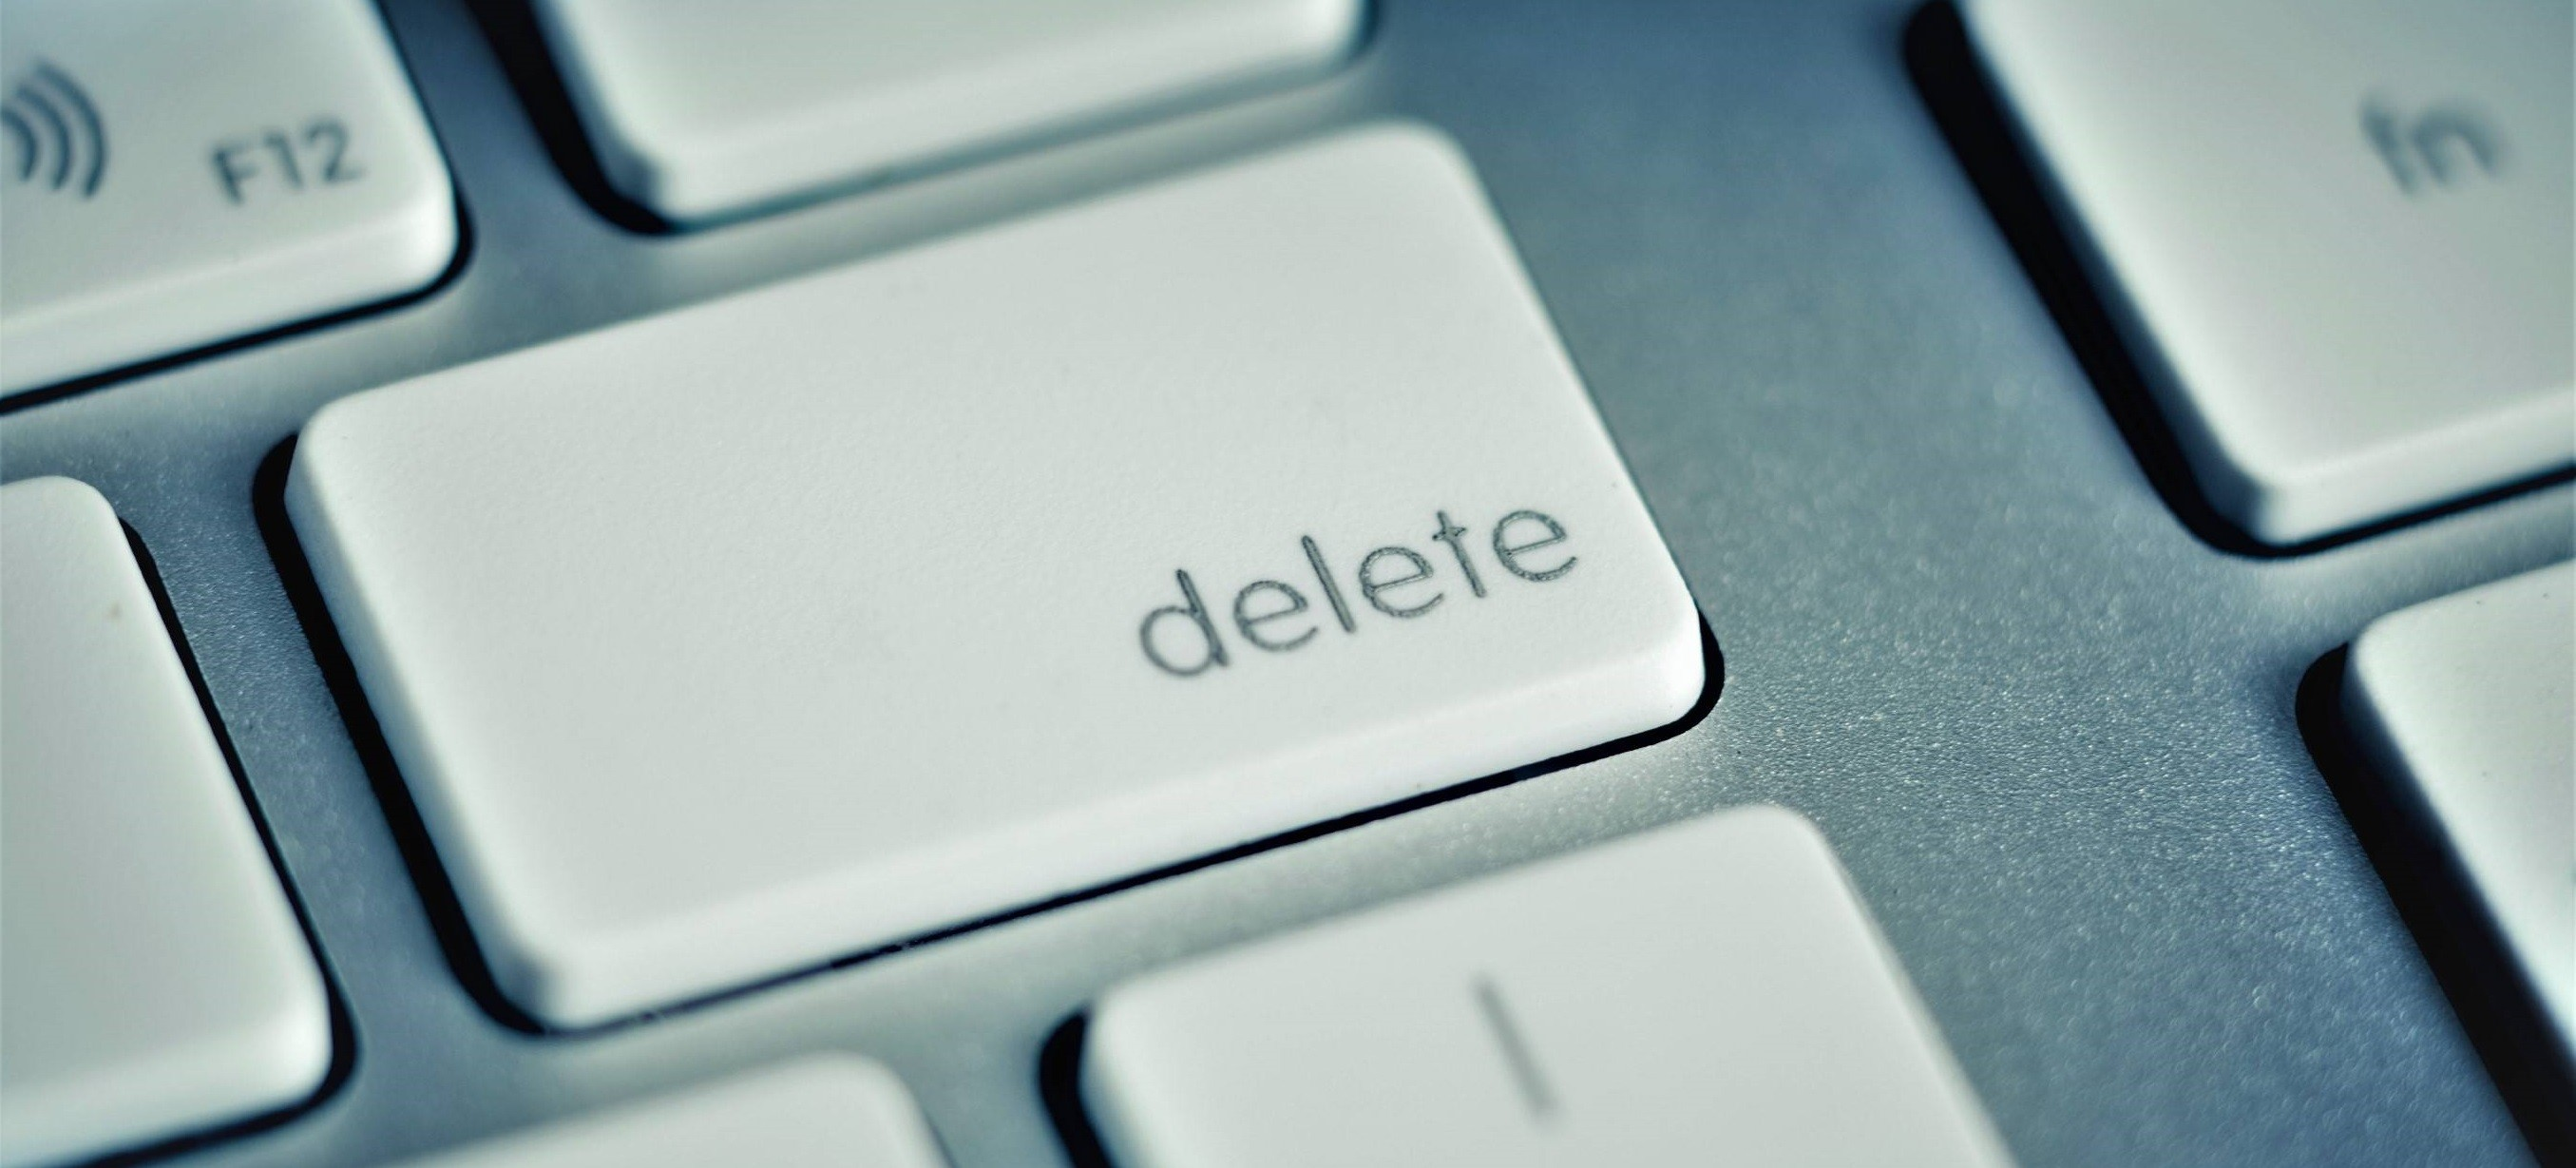 Как удалить сообщение в телеграмм